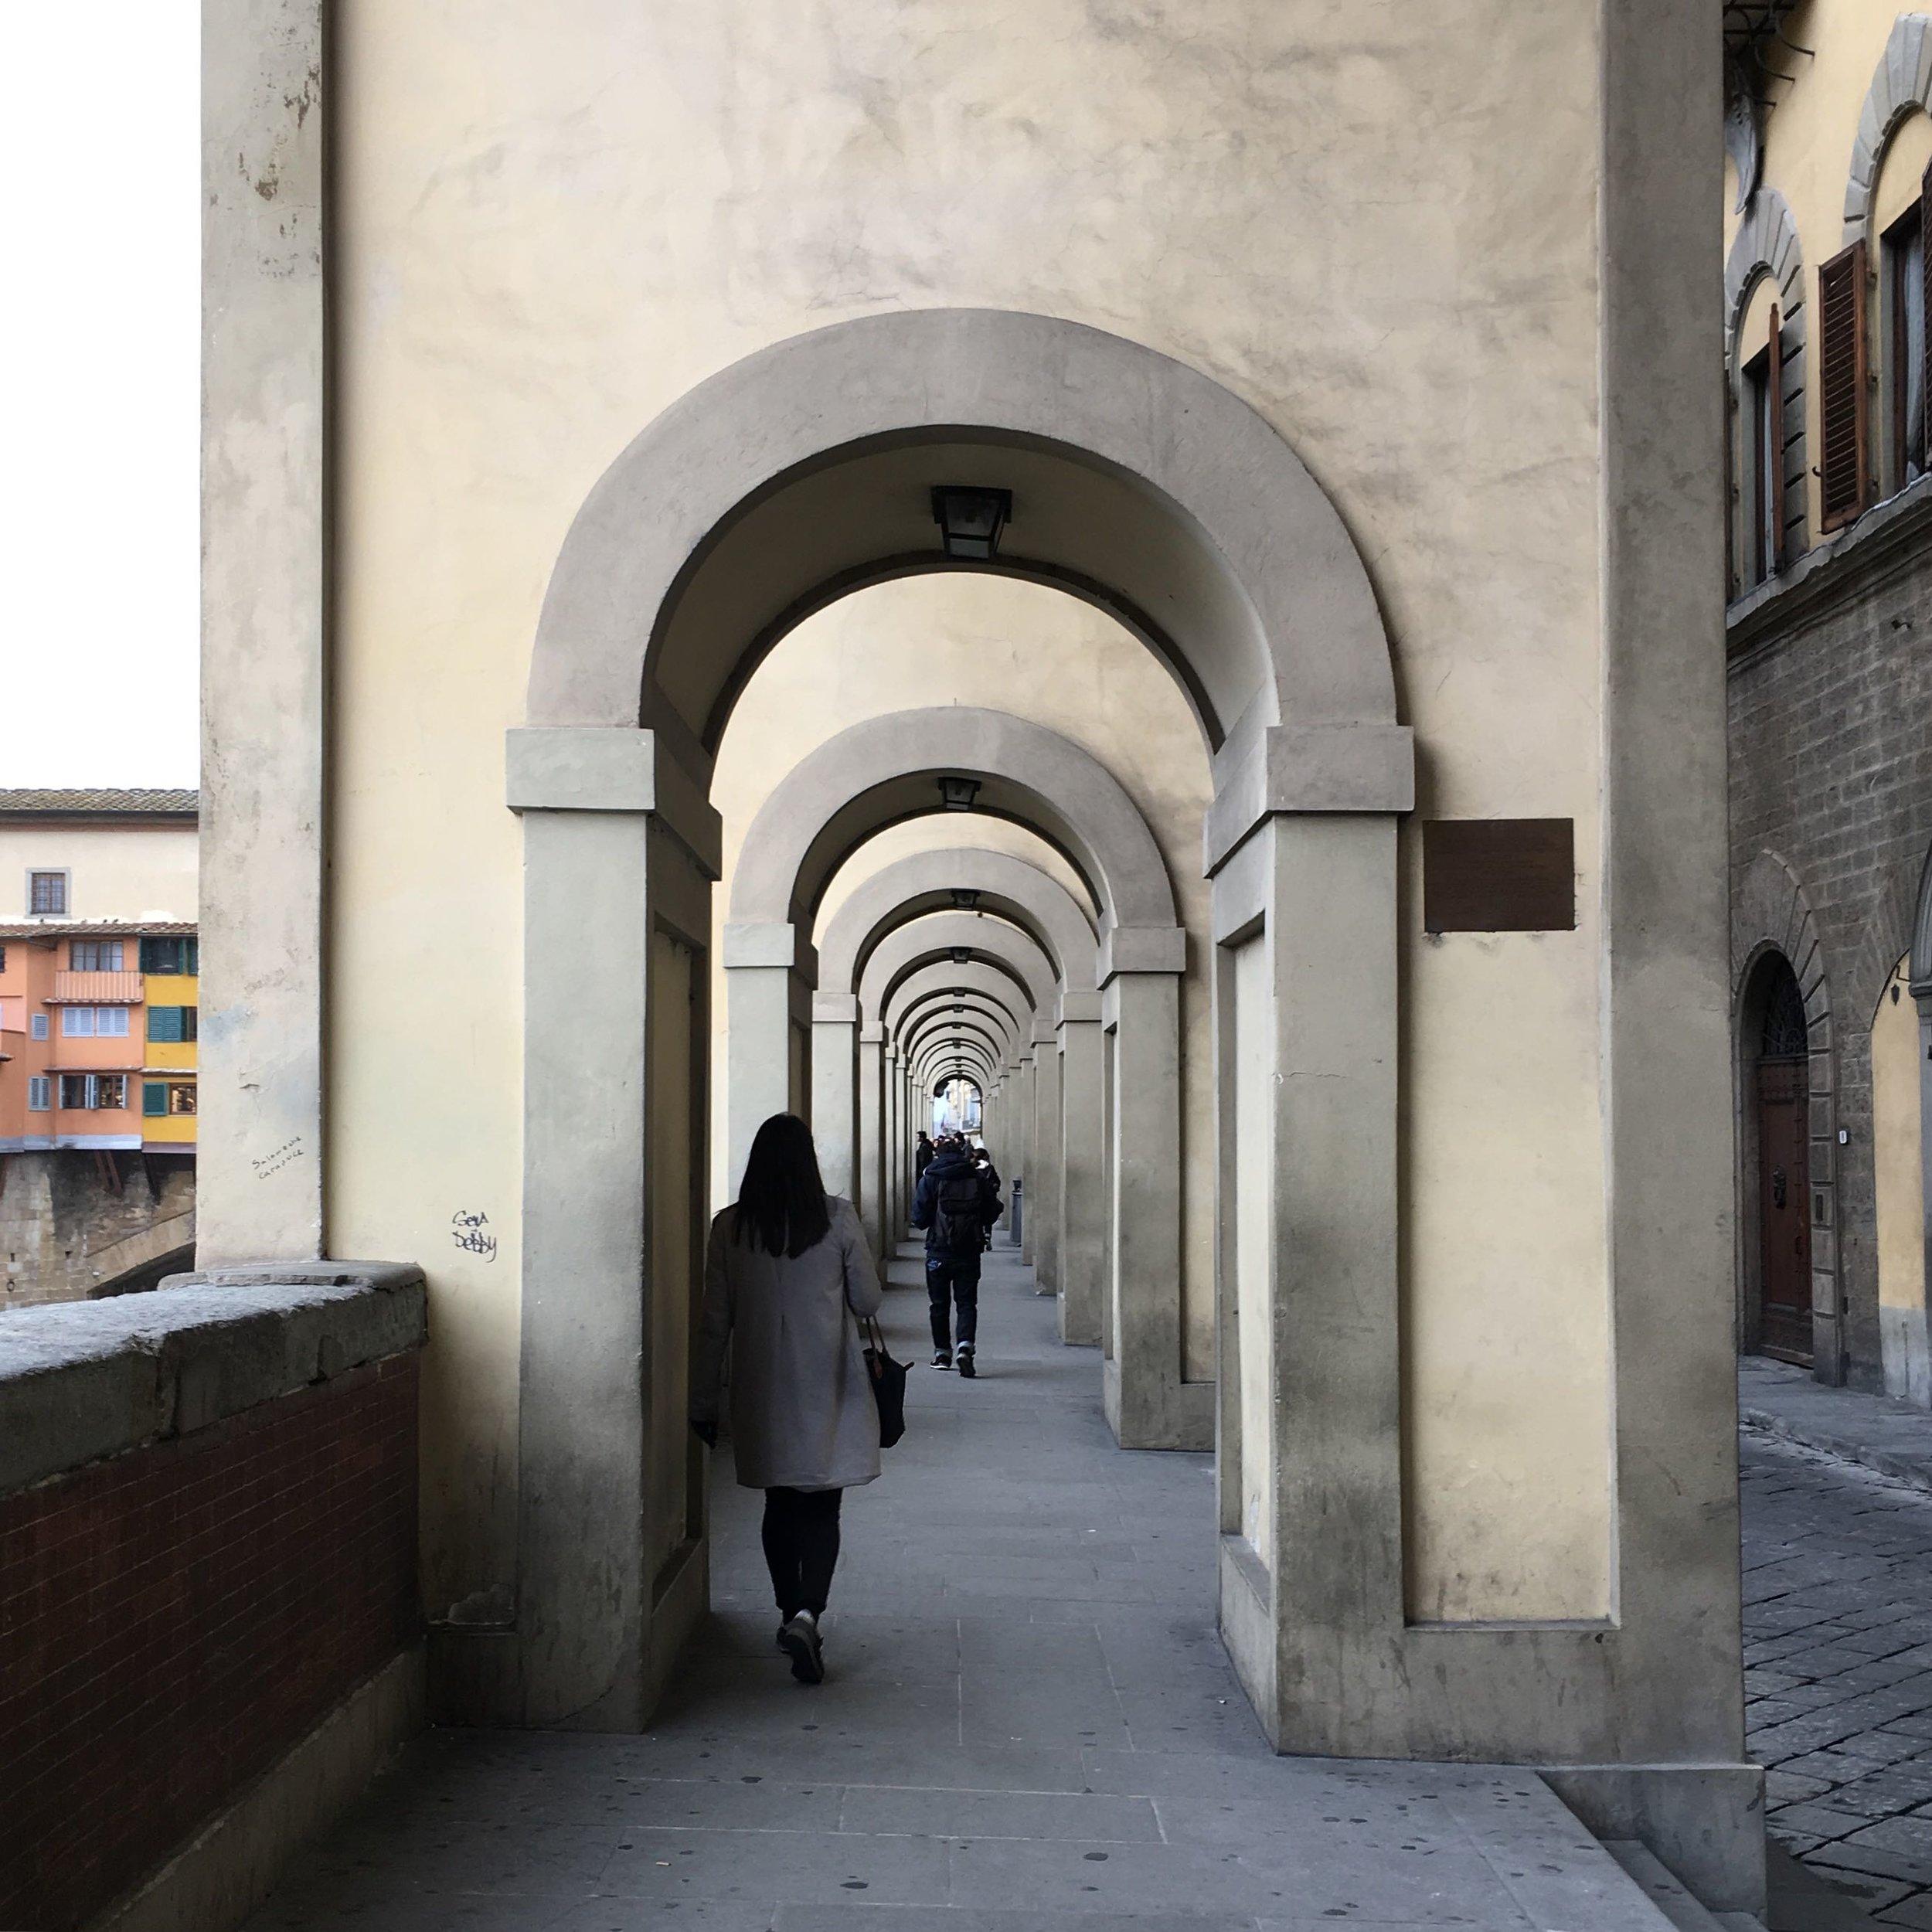 Lozidaze_Firenze_01